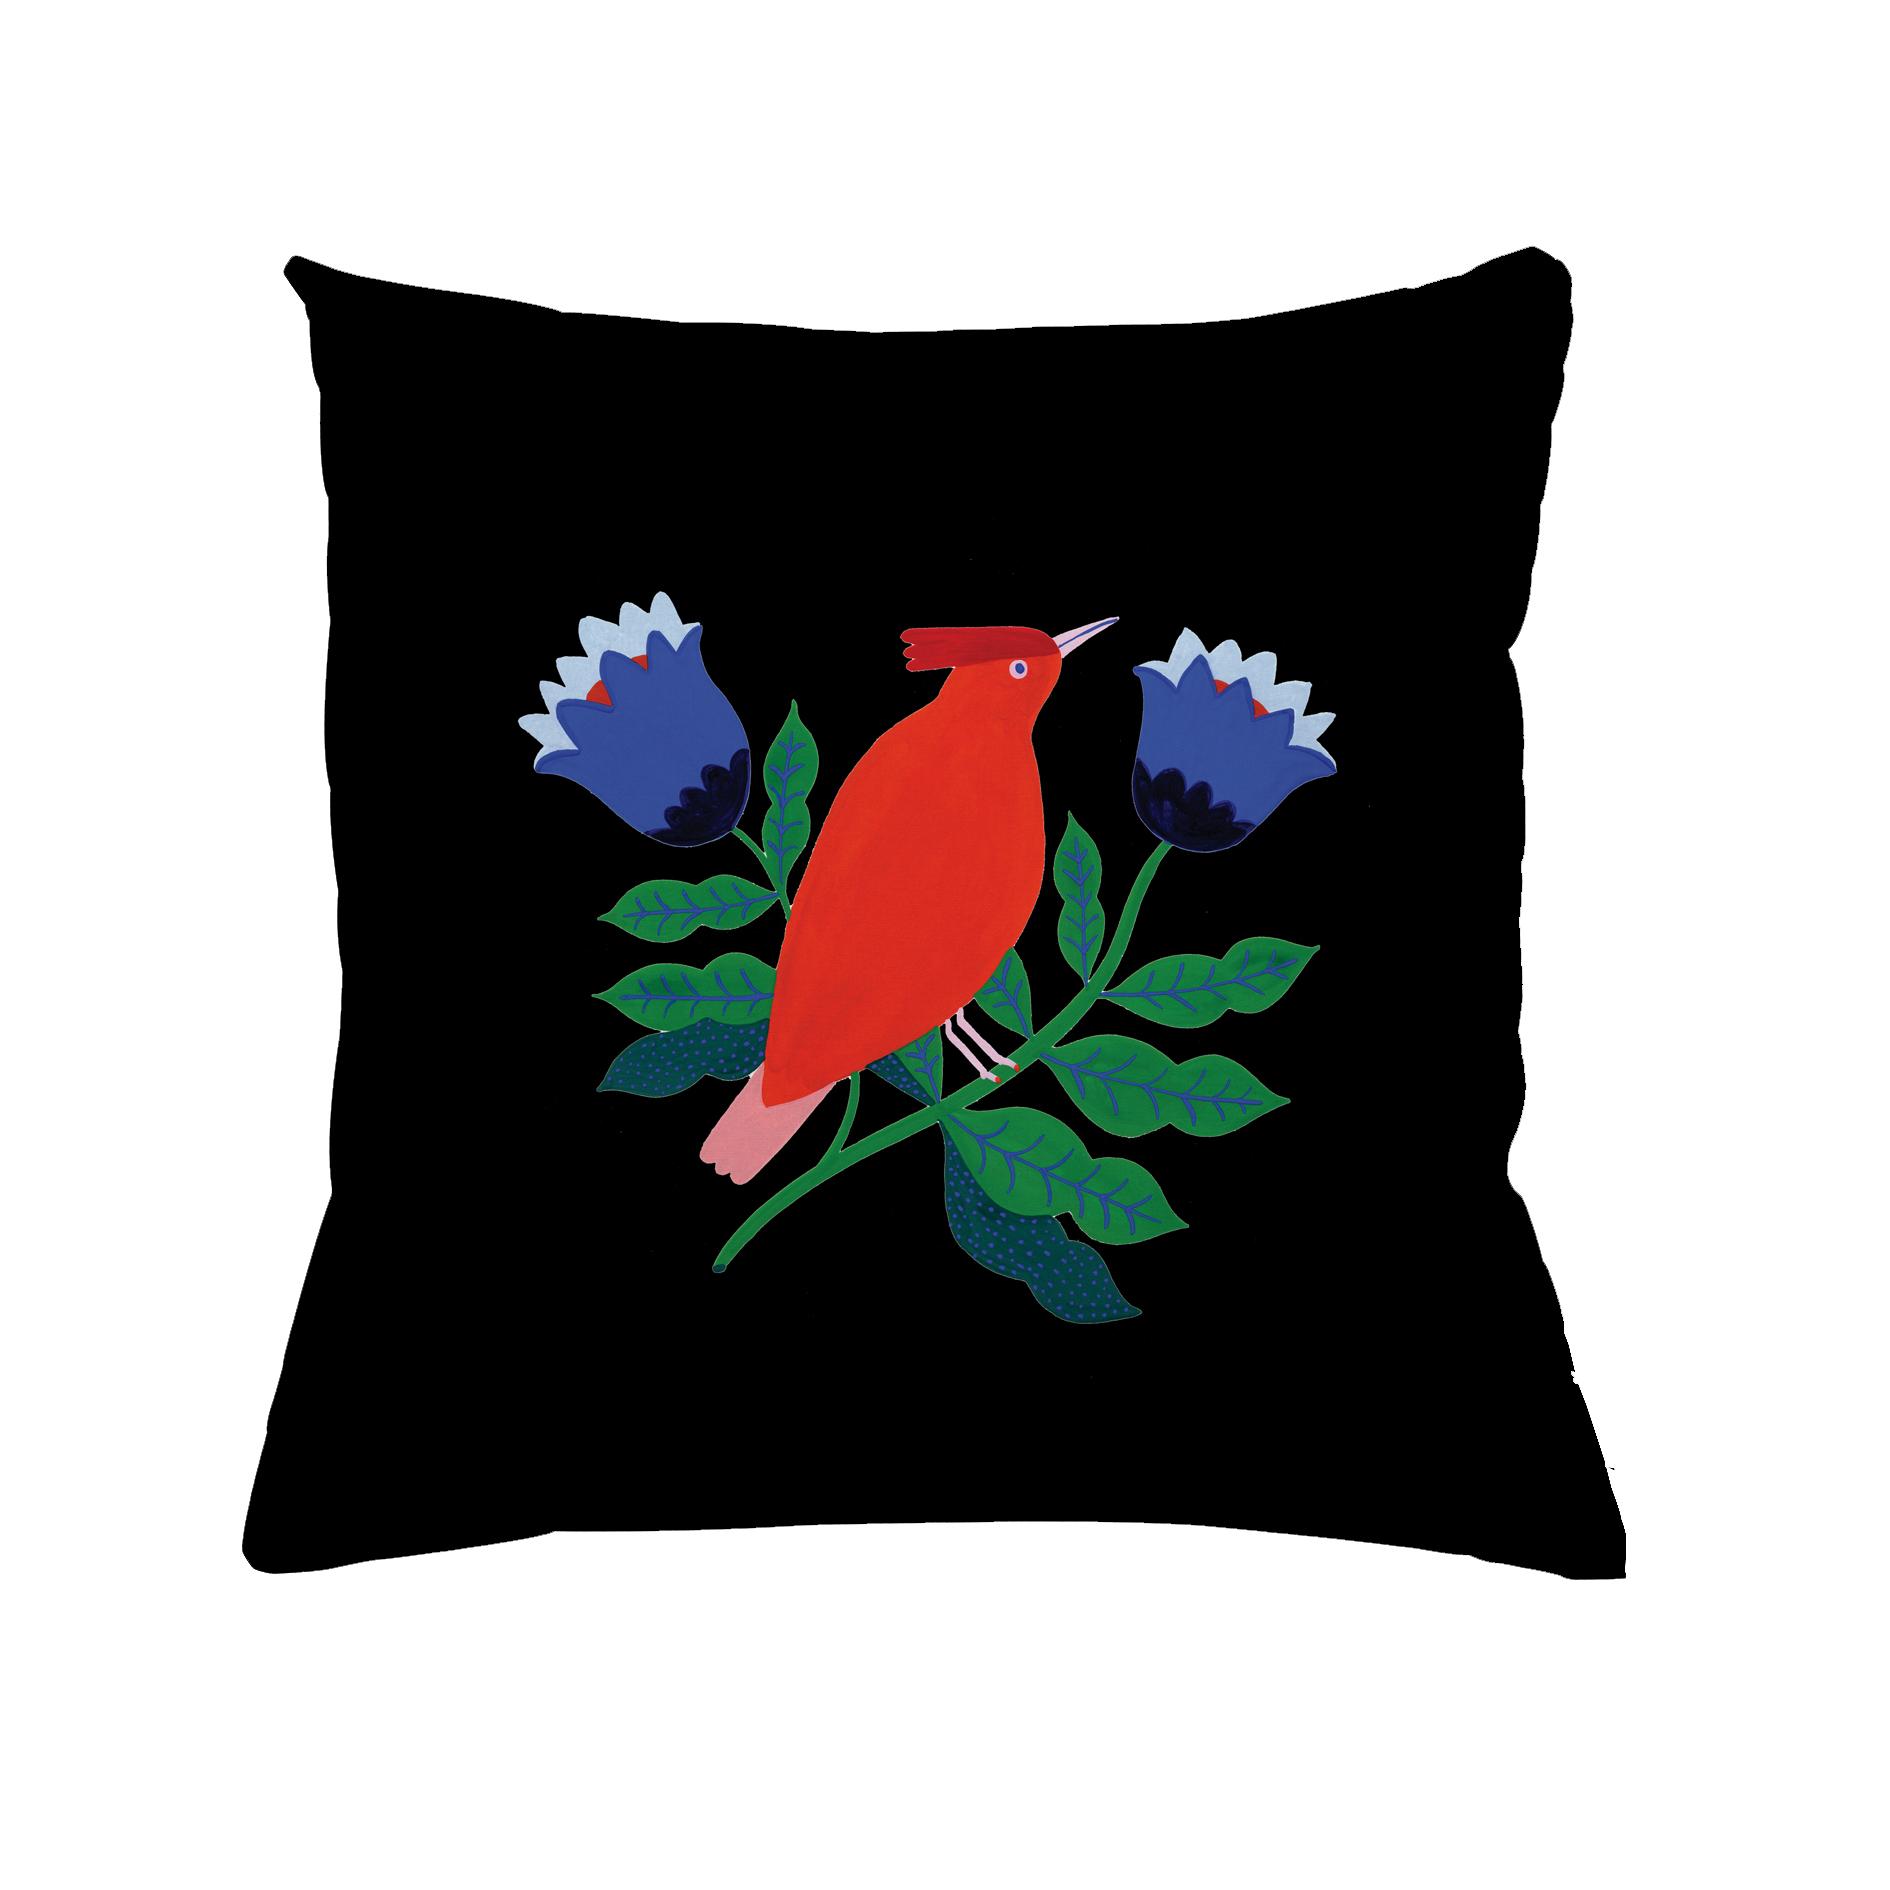 Coussin en coton oiseau rouge 30x30 cm